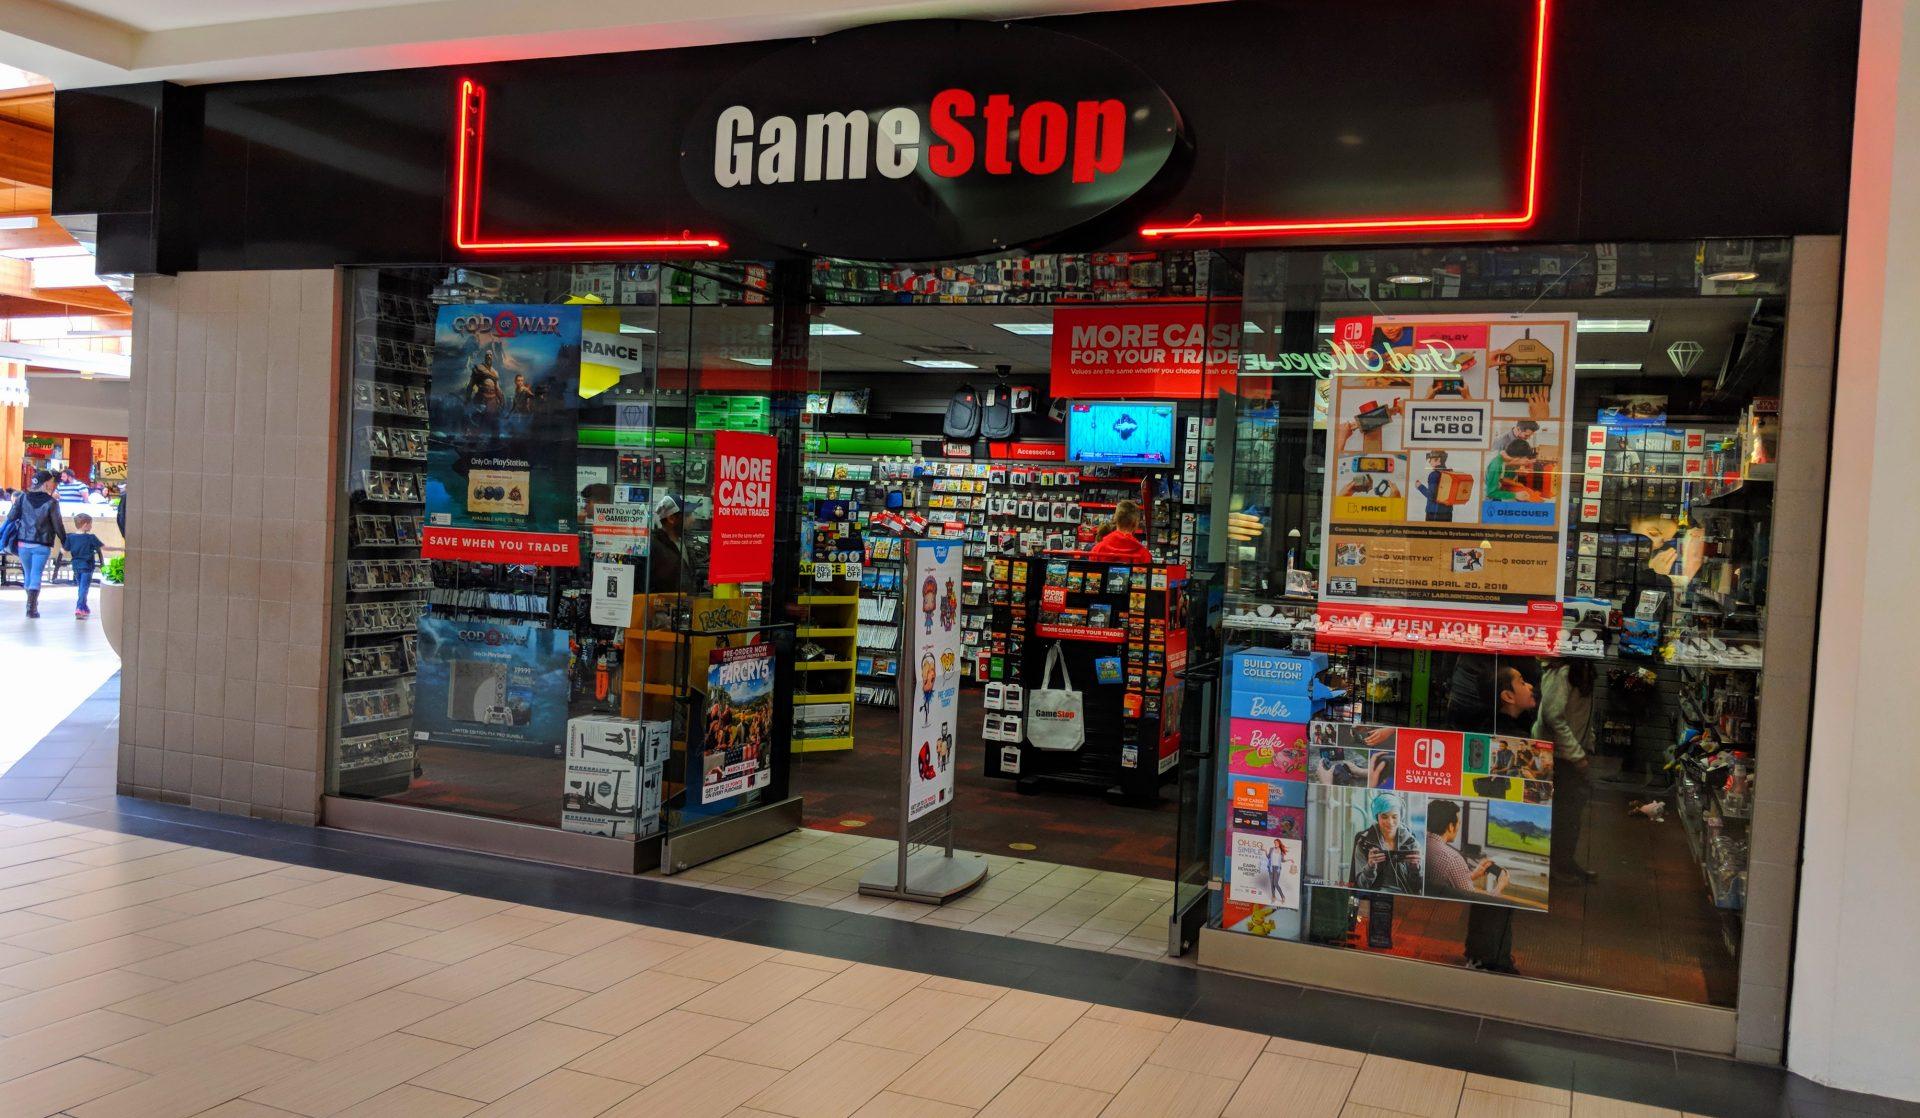 GameStop Çılgınlığı BTC'nin Güçlü Yönünü Gösterebilir